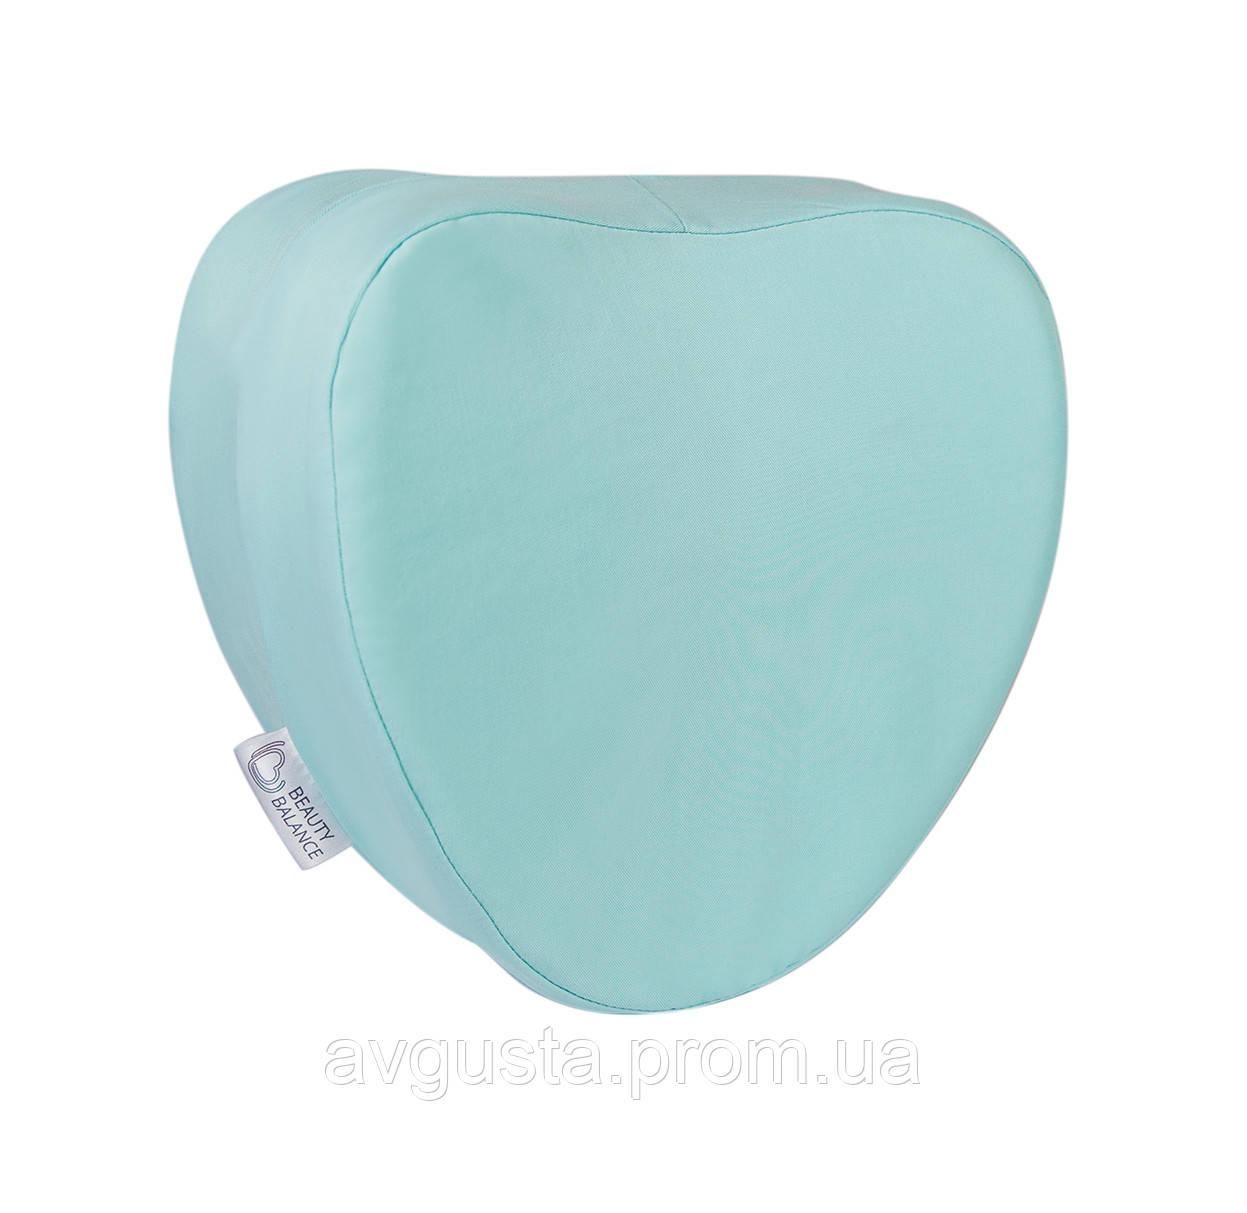 Ортопедическая подушка между колен Sleep Comfort, Beauty Balance TM (ТЕНСЕЛ)